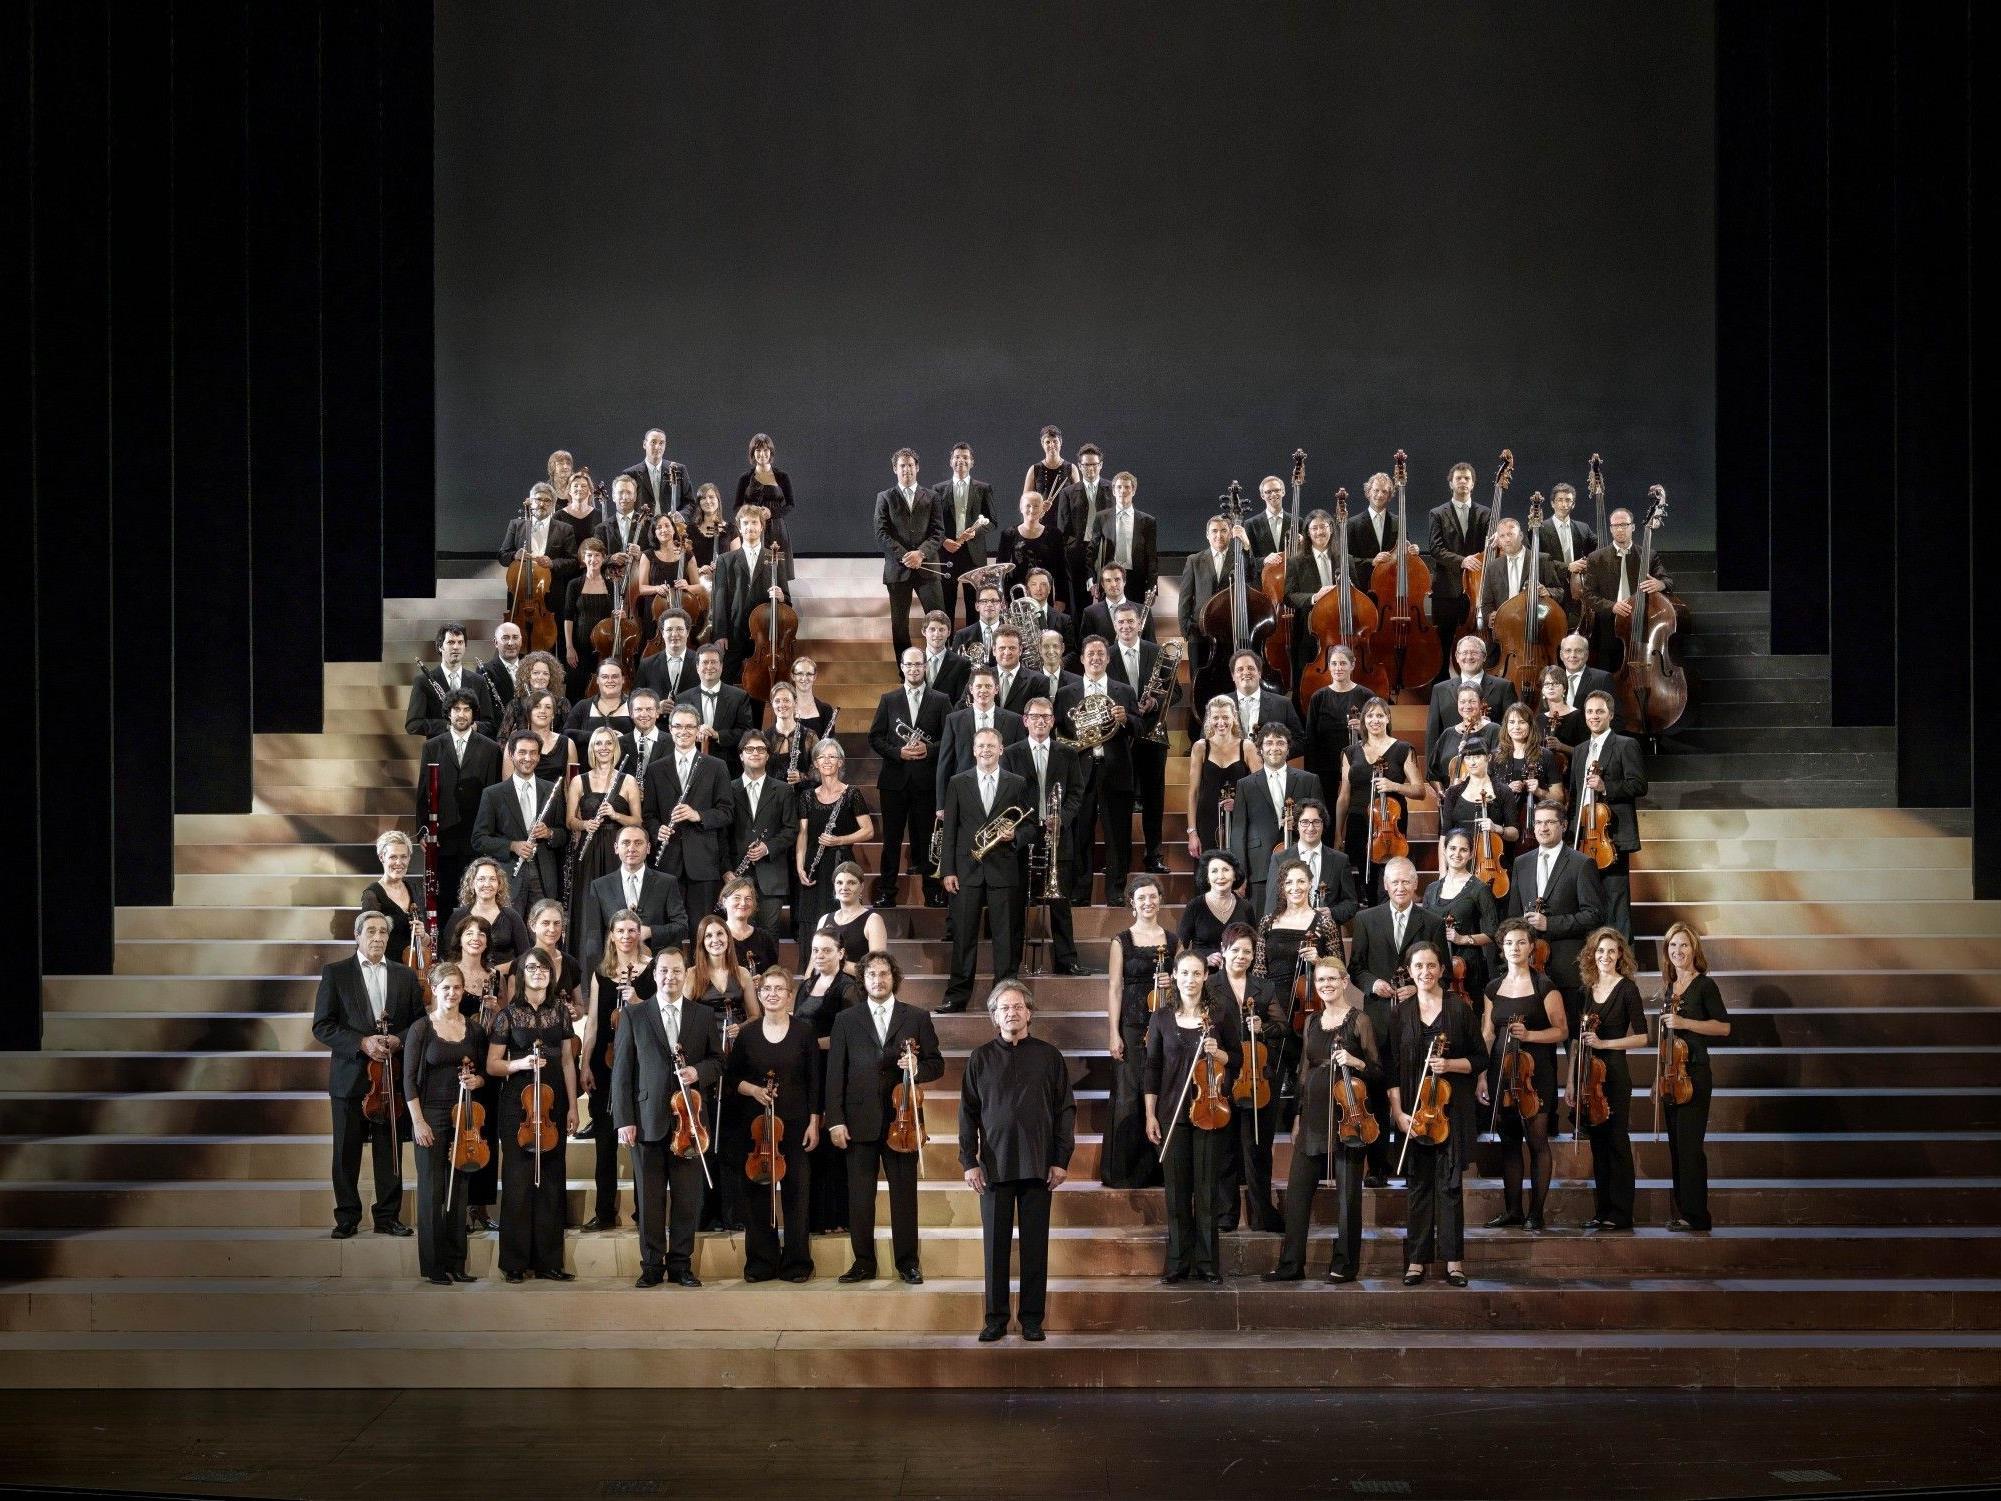 Der fixe Stamm des Symphonieorchesters Vorarlberg besteht aus professionellen Musikern aus Vorarlberg, aber auch aus Deutschland und der Schweiz.